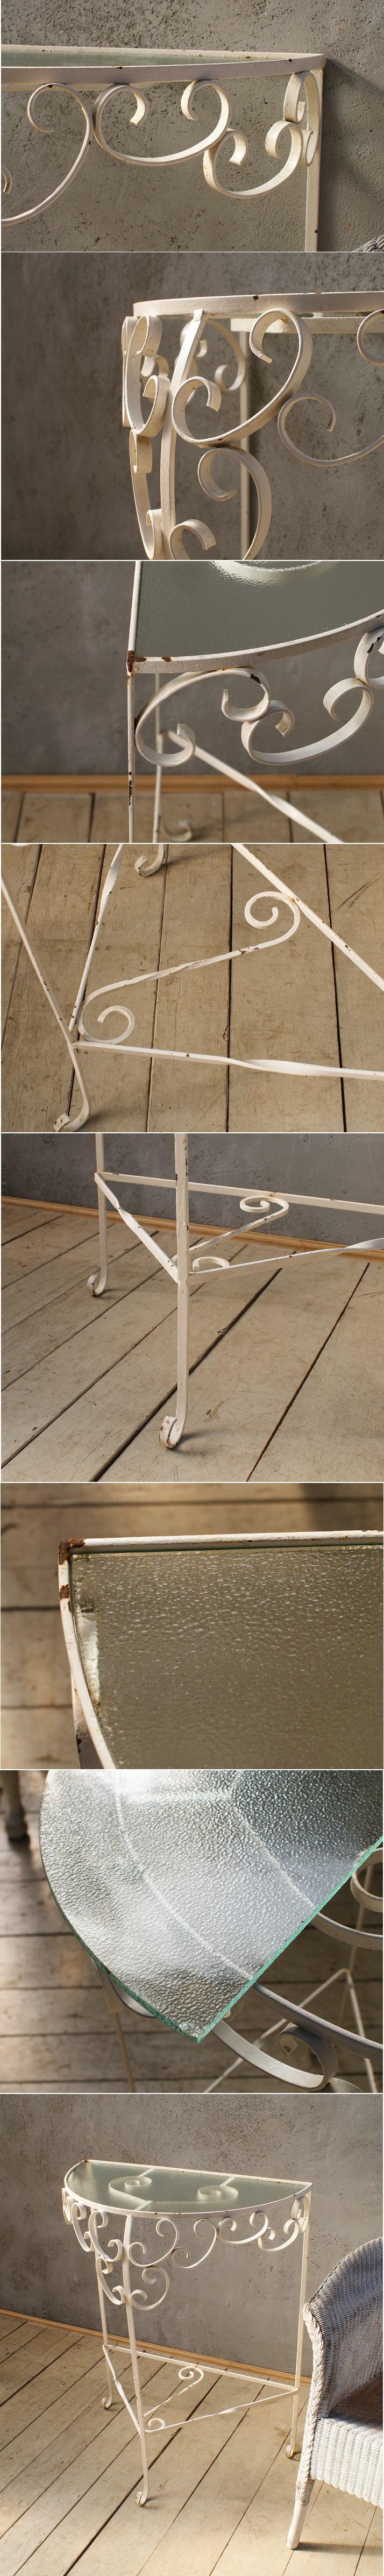 イギリス アンティーク アイアンガラストップテーブル 6014